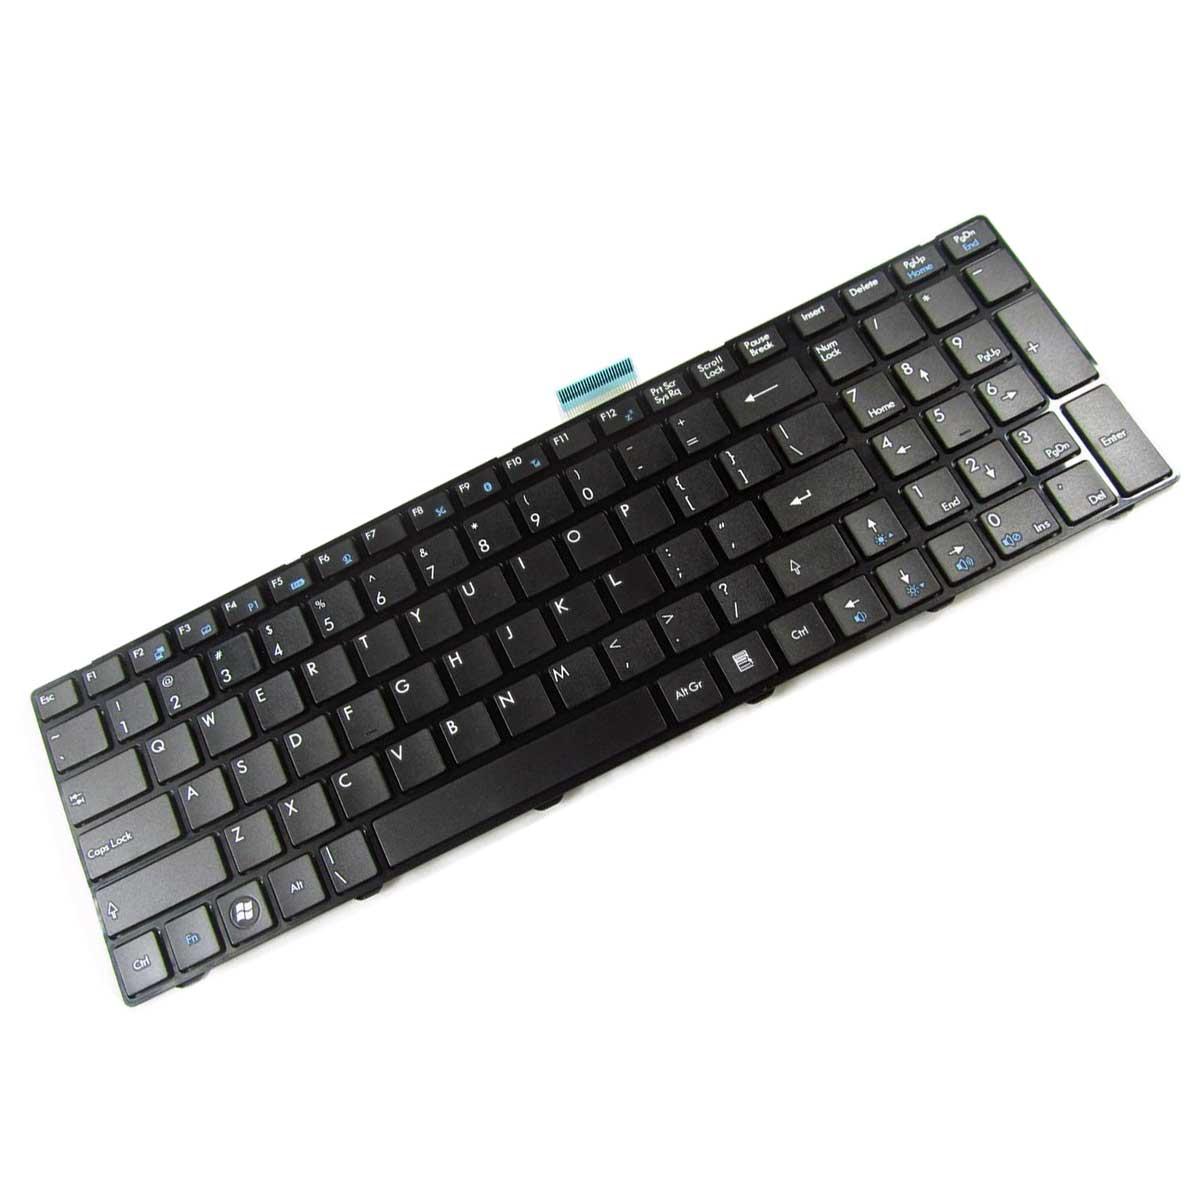 کیبورد لپ تاپ ام اس آی Keyboard Laptop Msi CX620